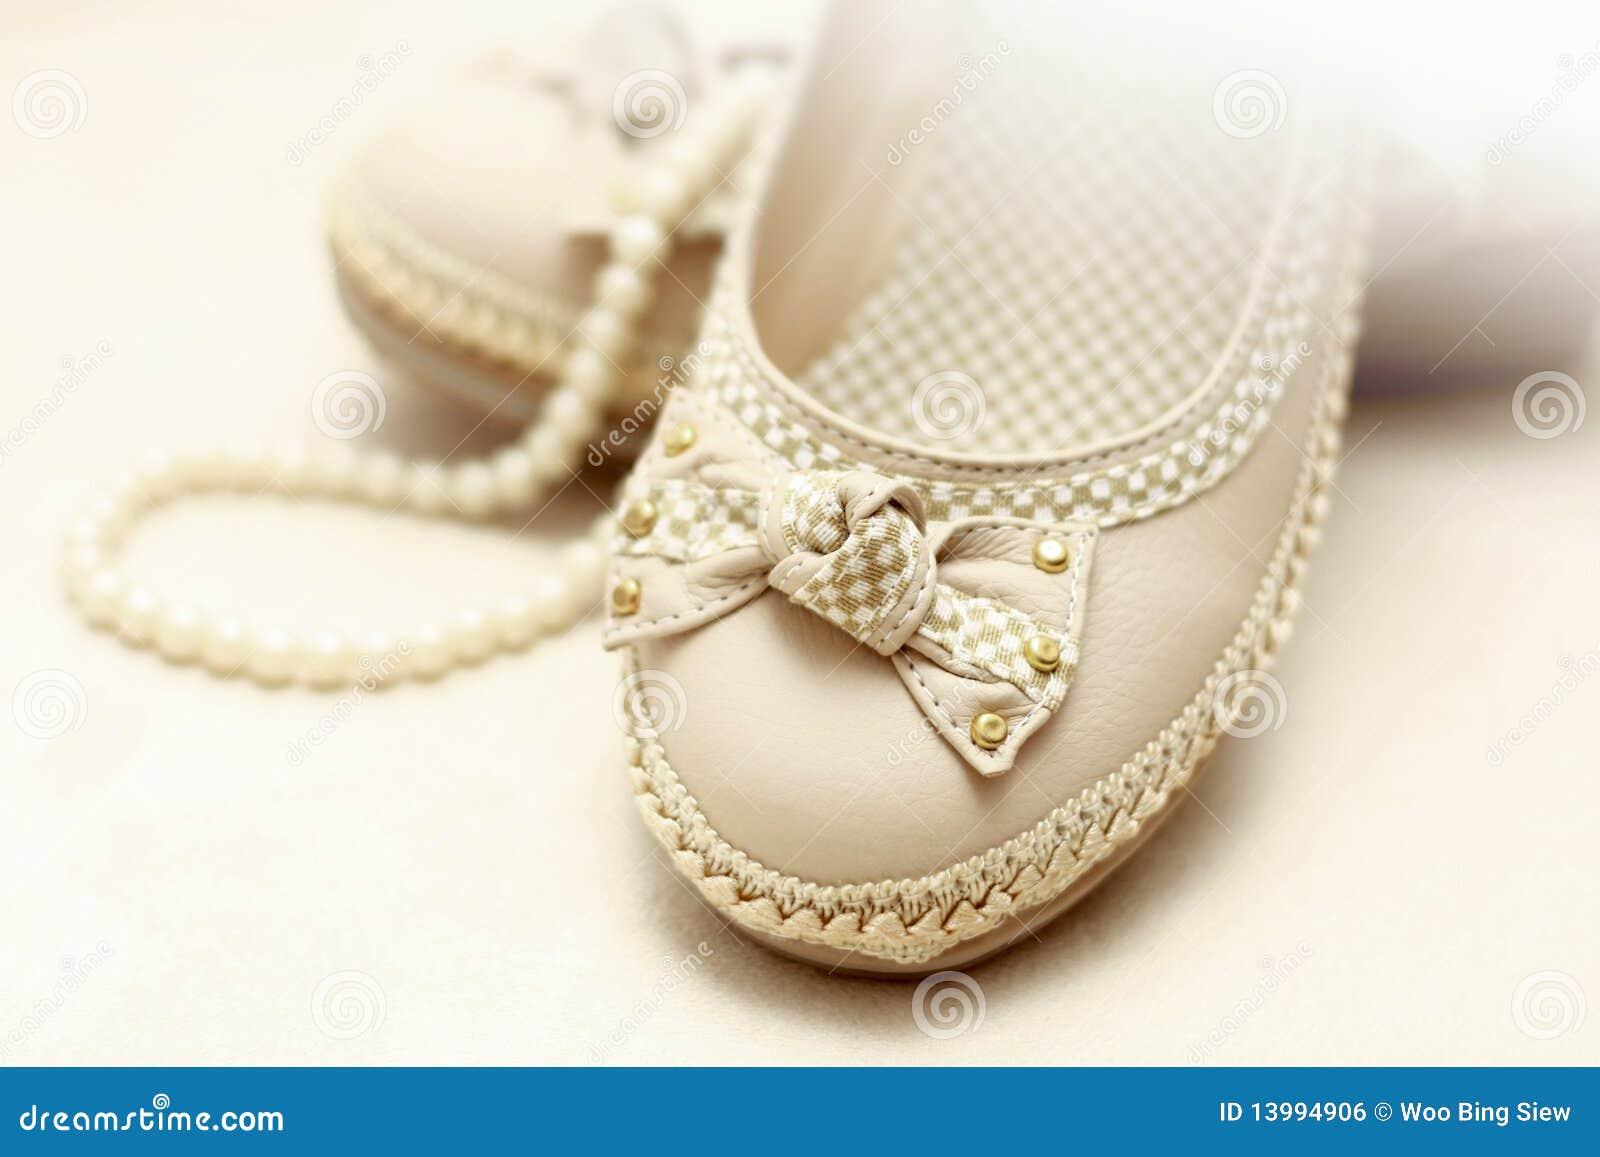 Perlen  Schuhe Und Perlen Stockfotos – 460 Schuhe Und Perlen Stockbilder ...